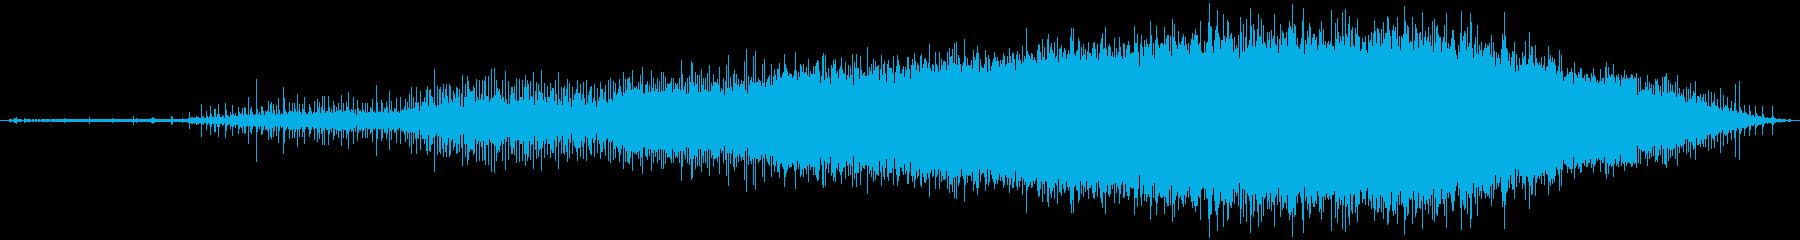 機械 ロックドリルハンマースピード...の再生済みの波形